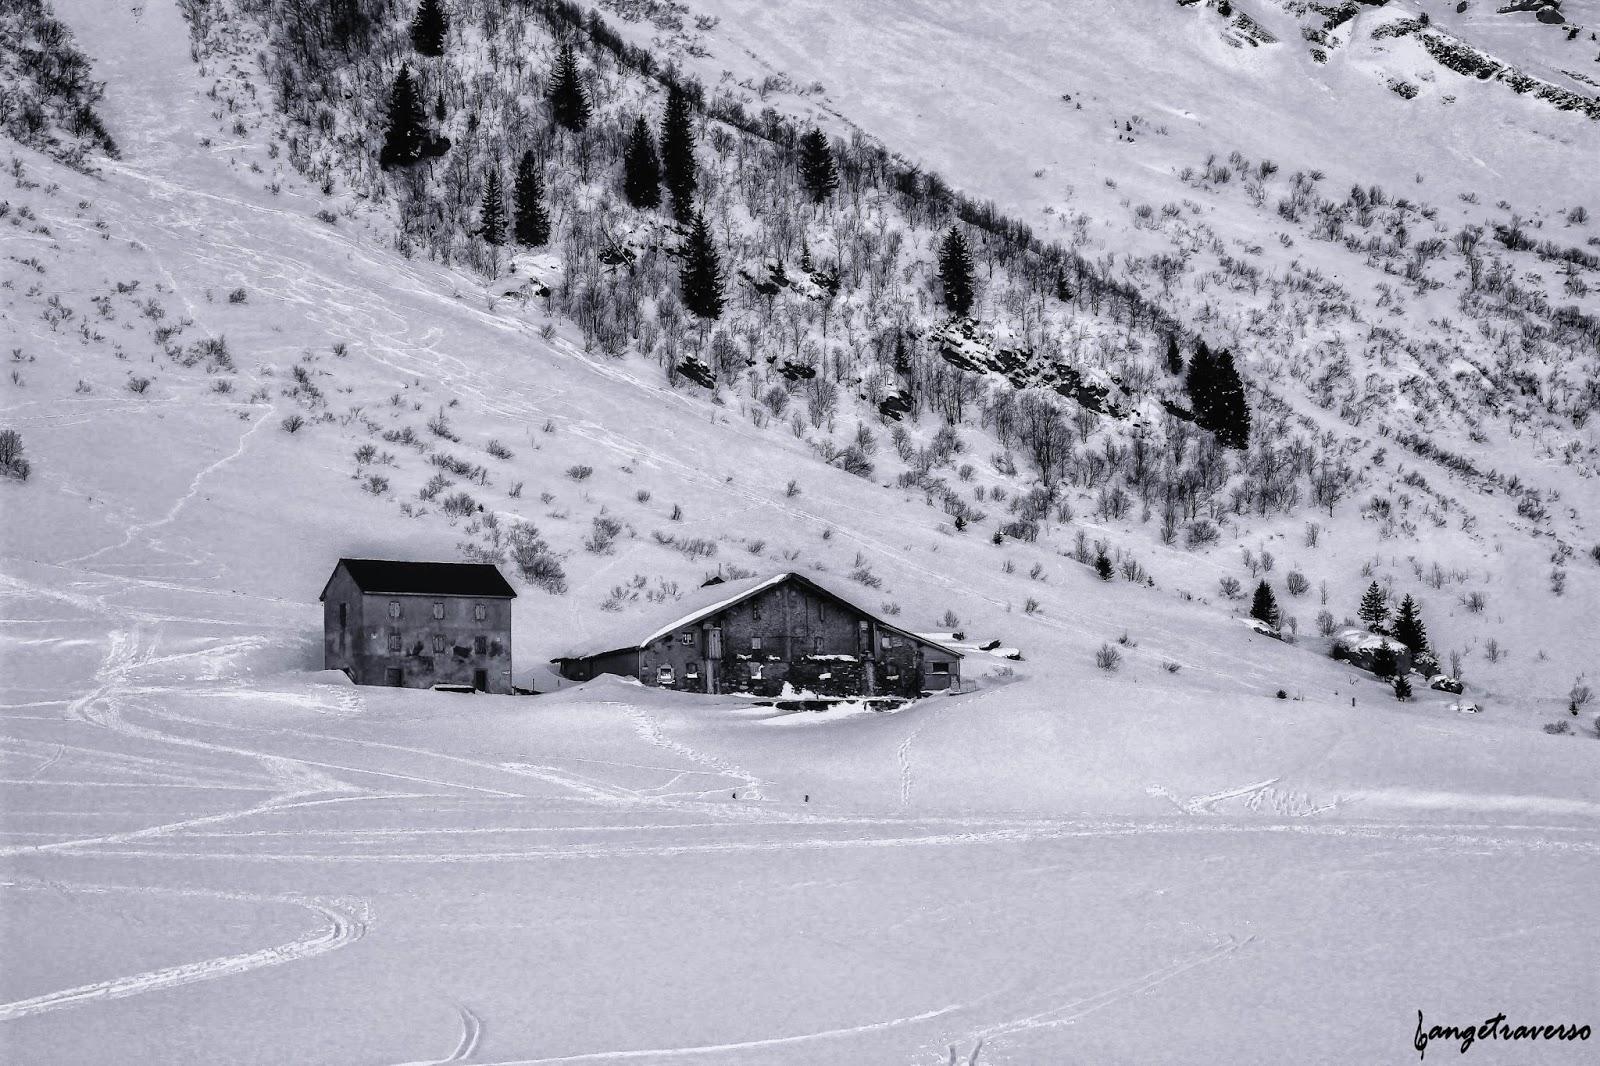 Massif des Aravis, photo de chalets de montagne dans la neige prise depuis le col des Aravis